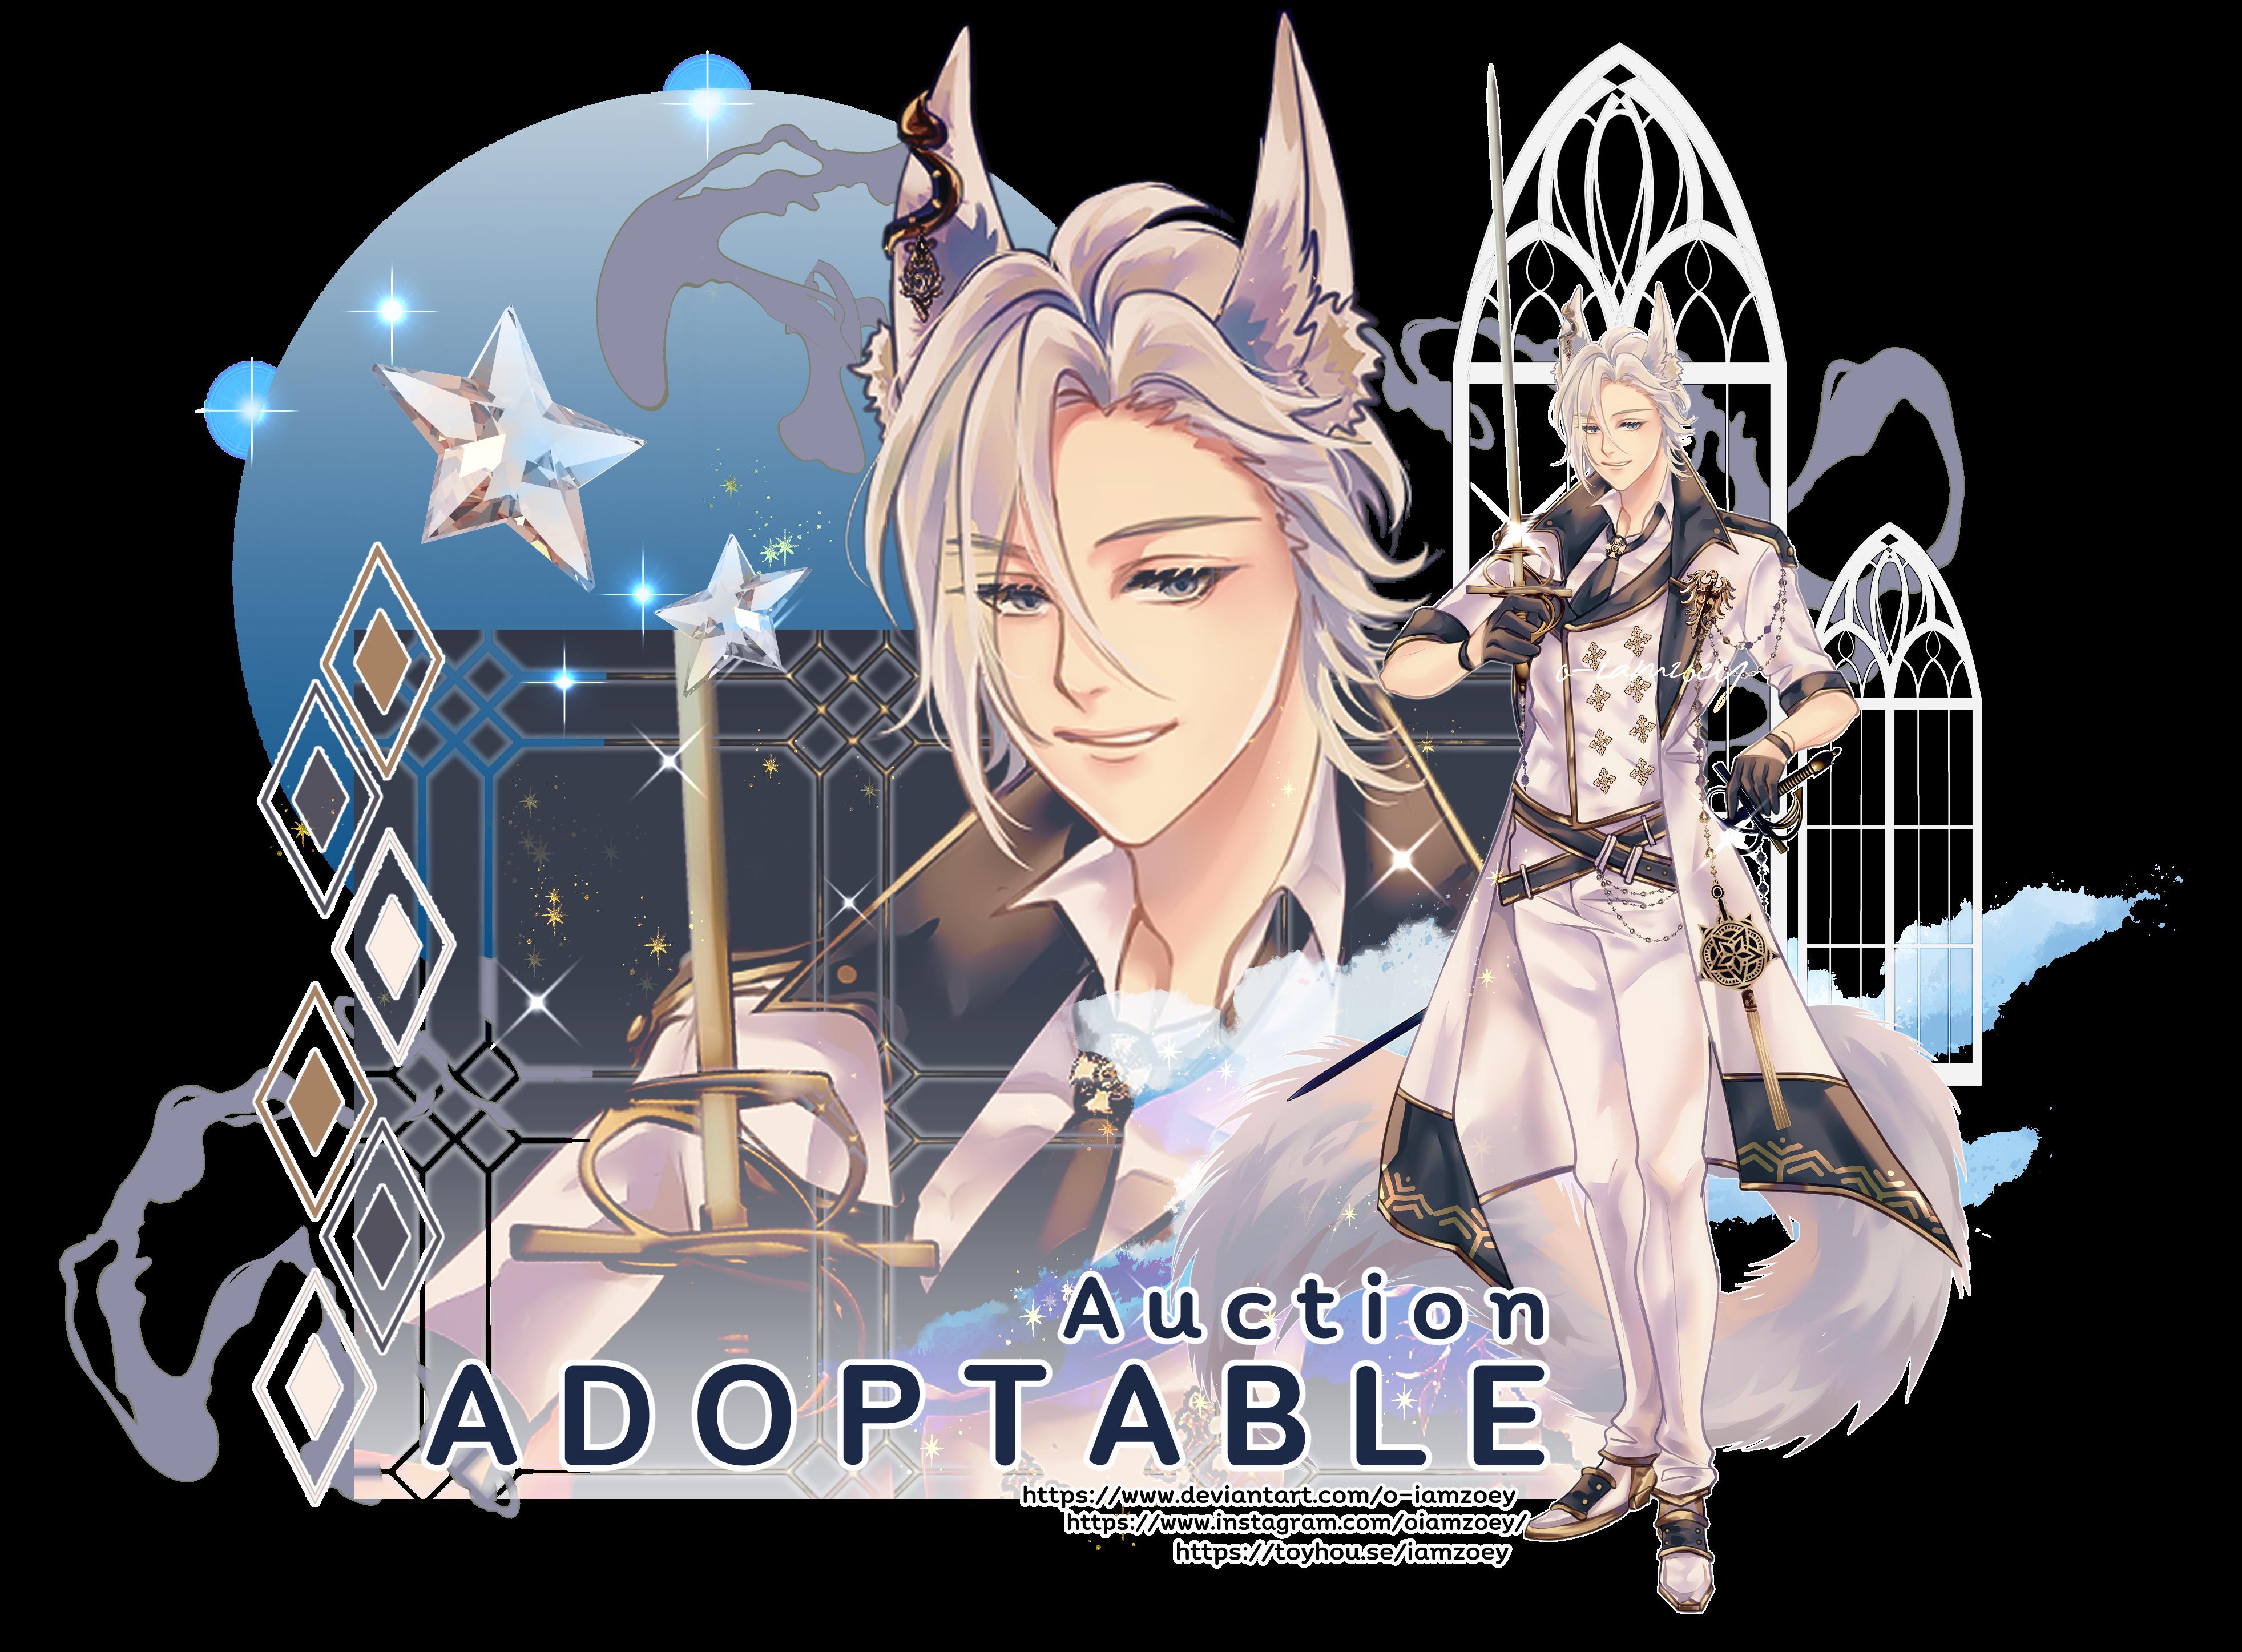 [CLOSE/TY] ADOPTABLE Royal WolfGang